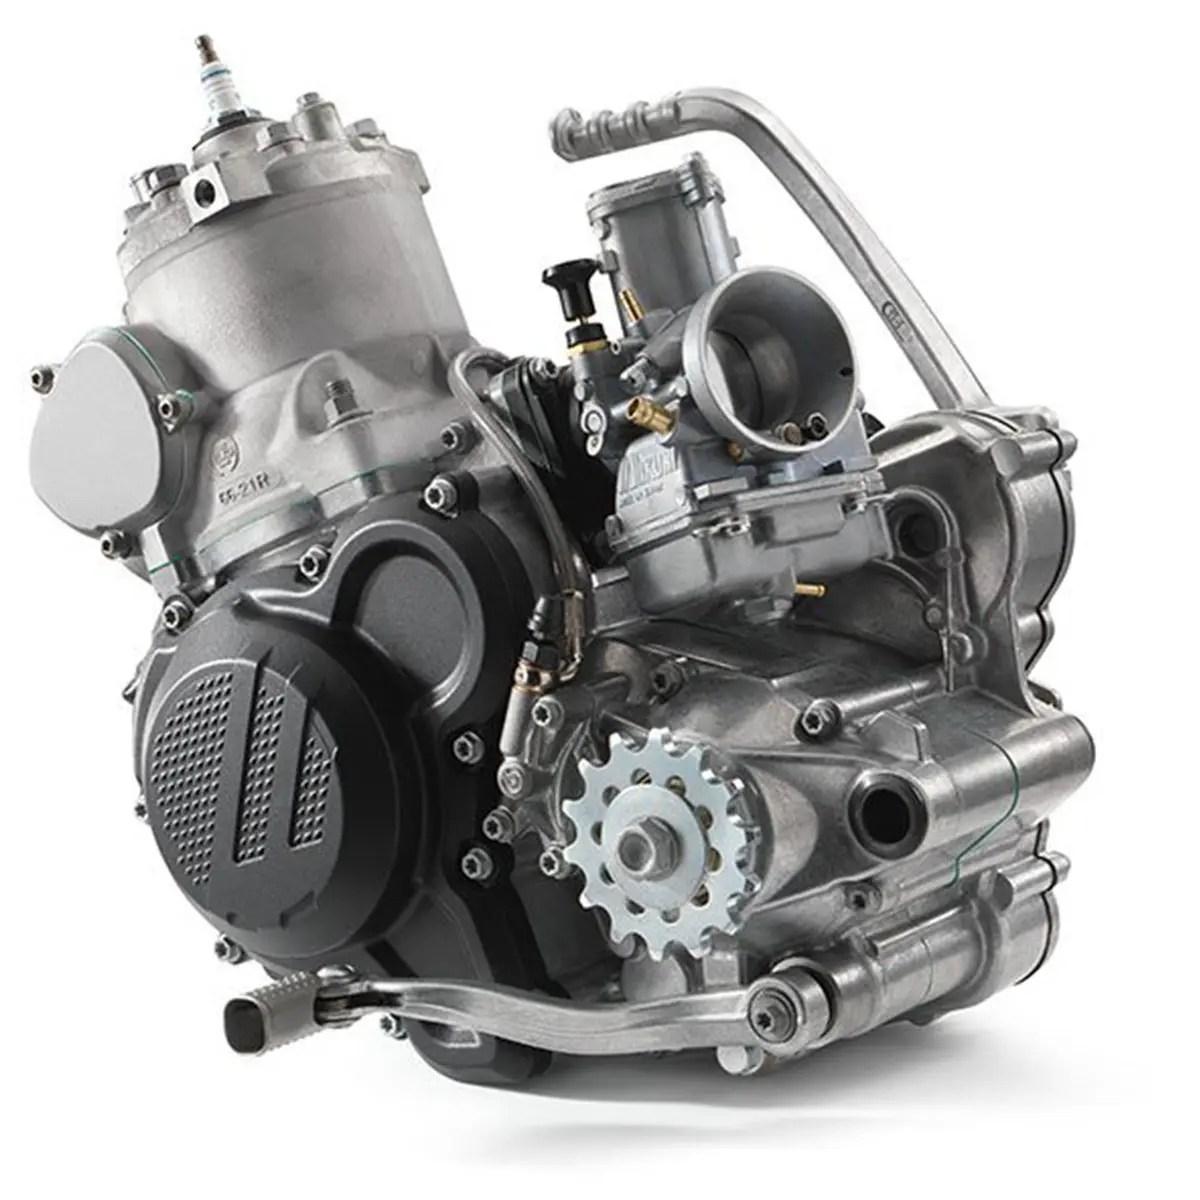 MOTEUR-250-SX-2020